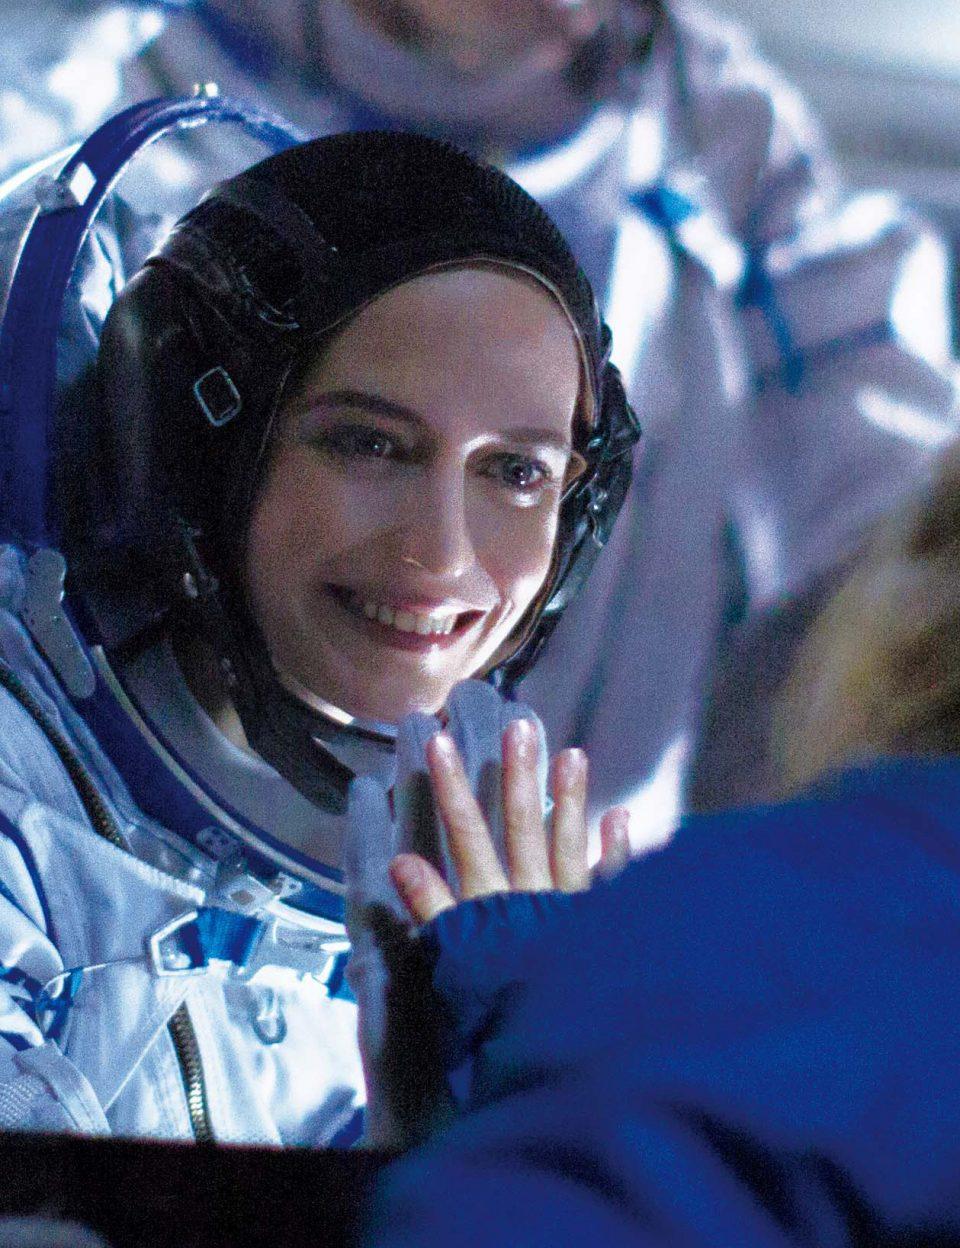 ミッションと子どもの間で葛藤する、女性宇宙飛行士の心の旅を描く『約束の宇宙』。